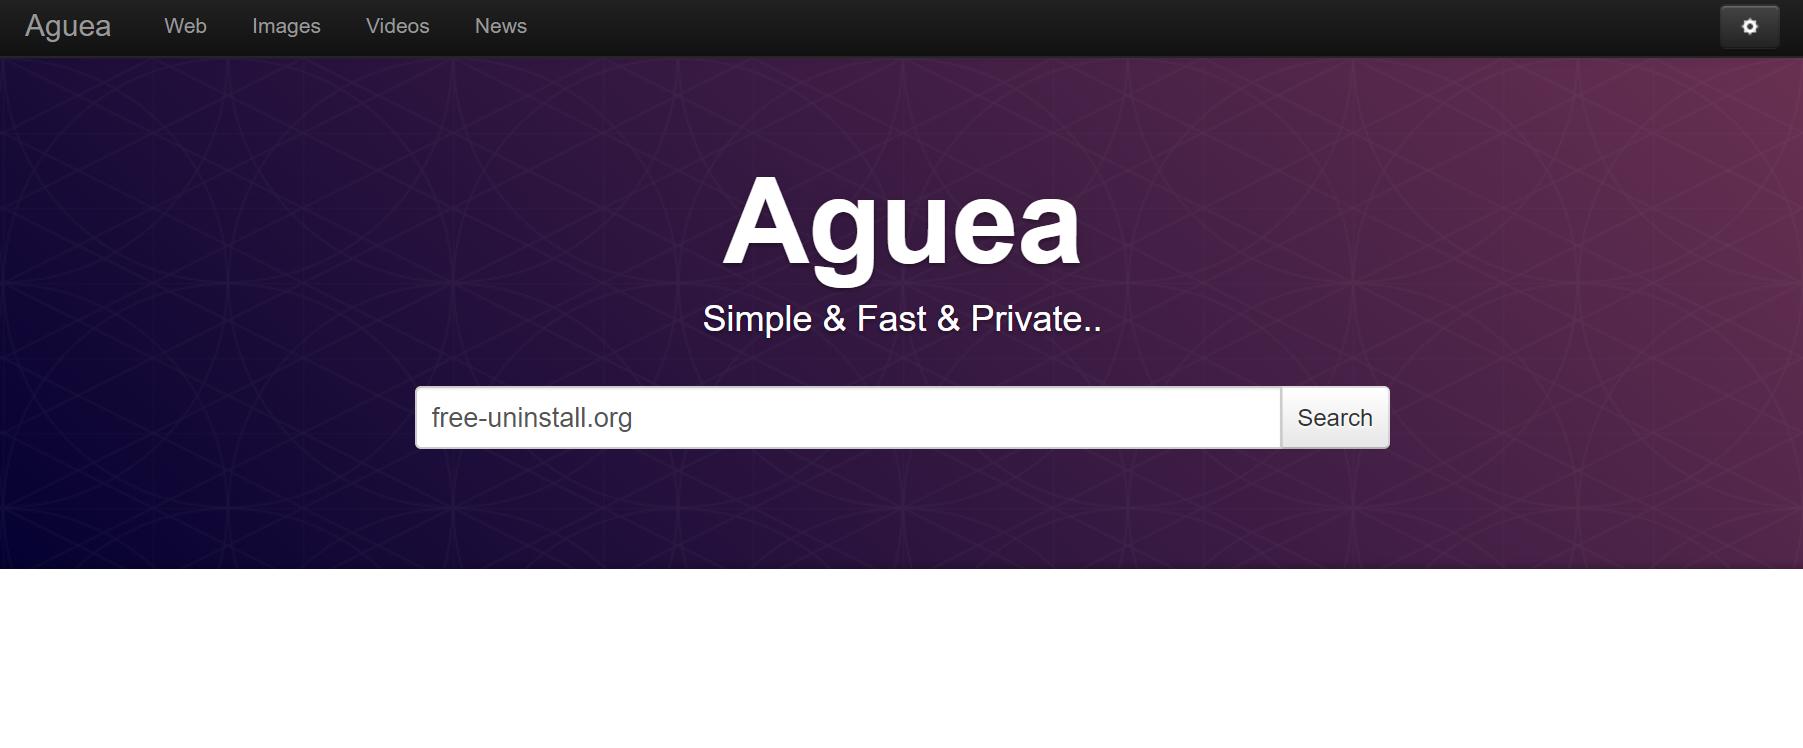 Search.aguea.com Hijacker